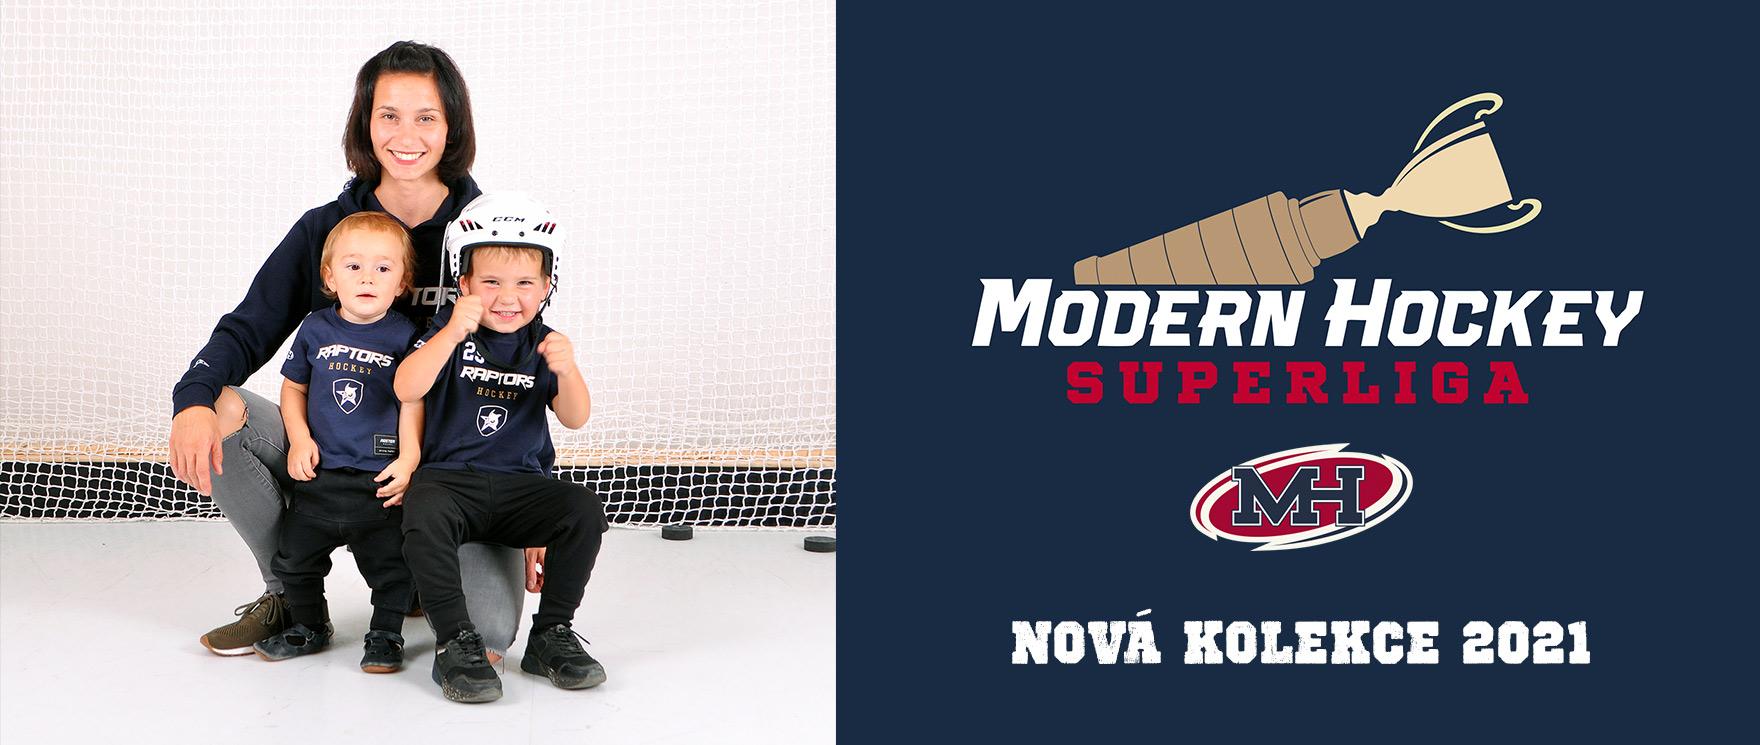 Modern Hockey Superliga